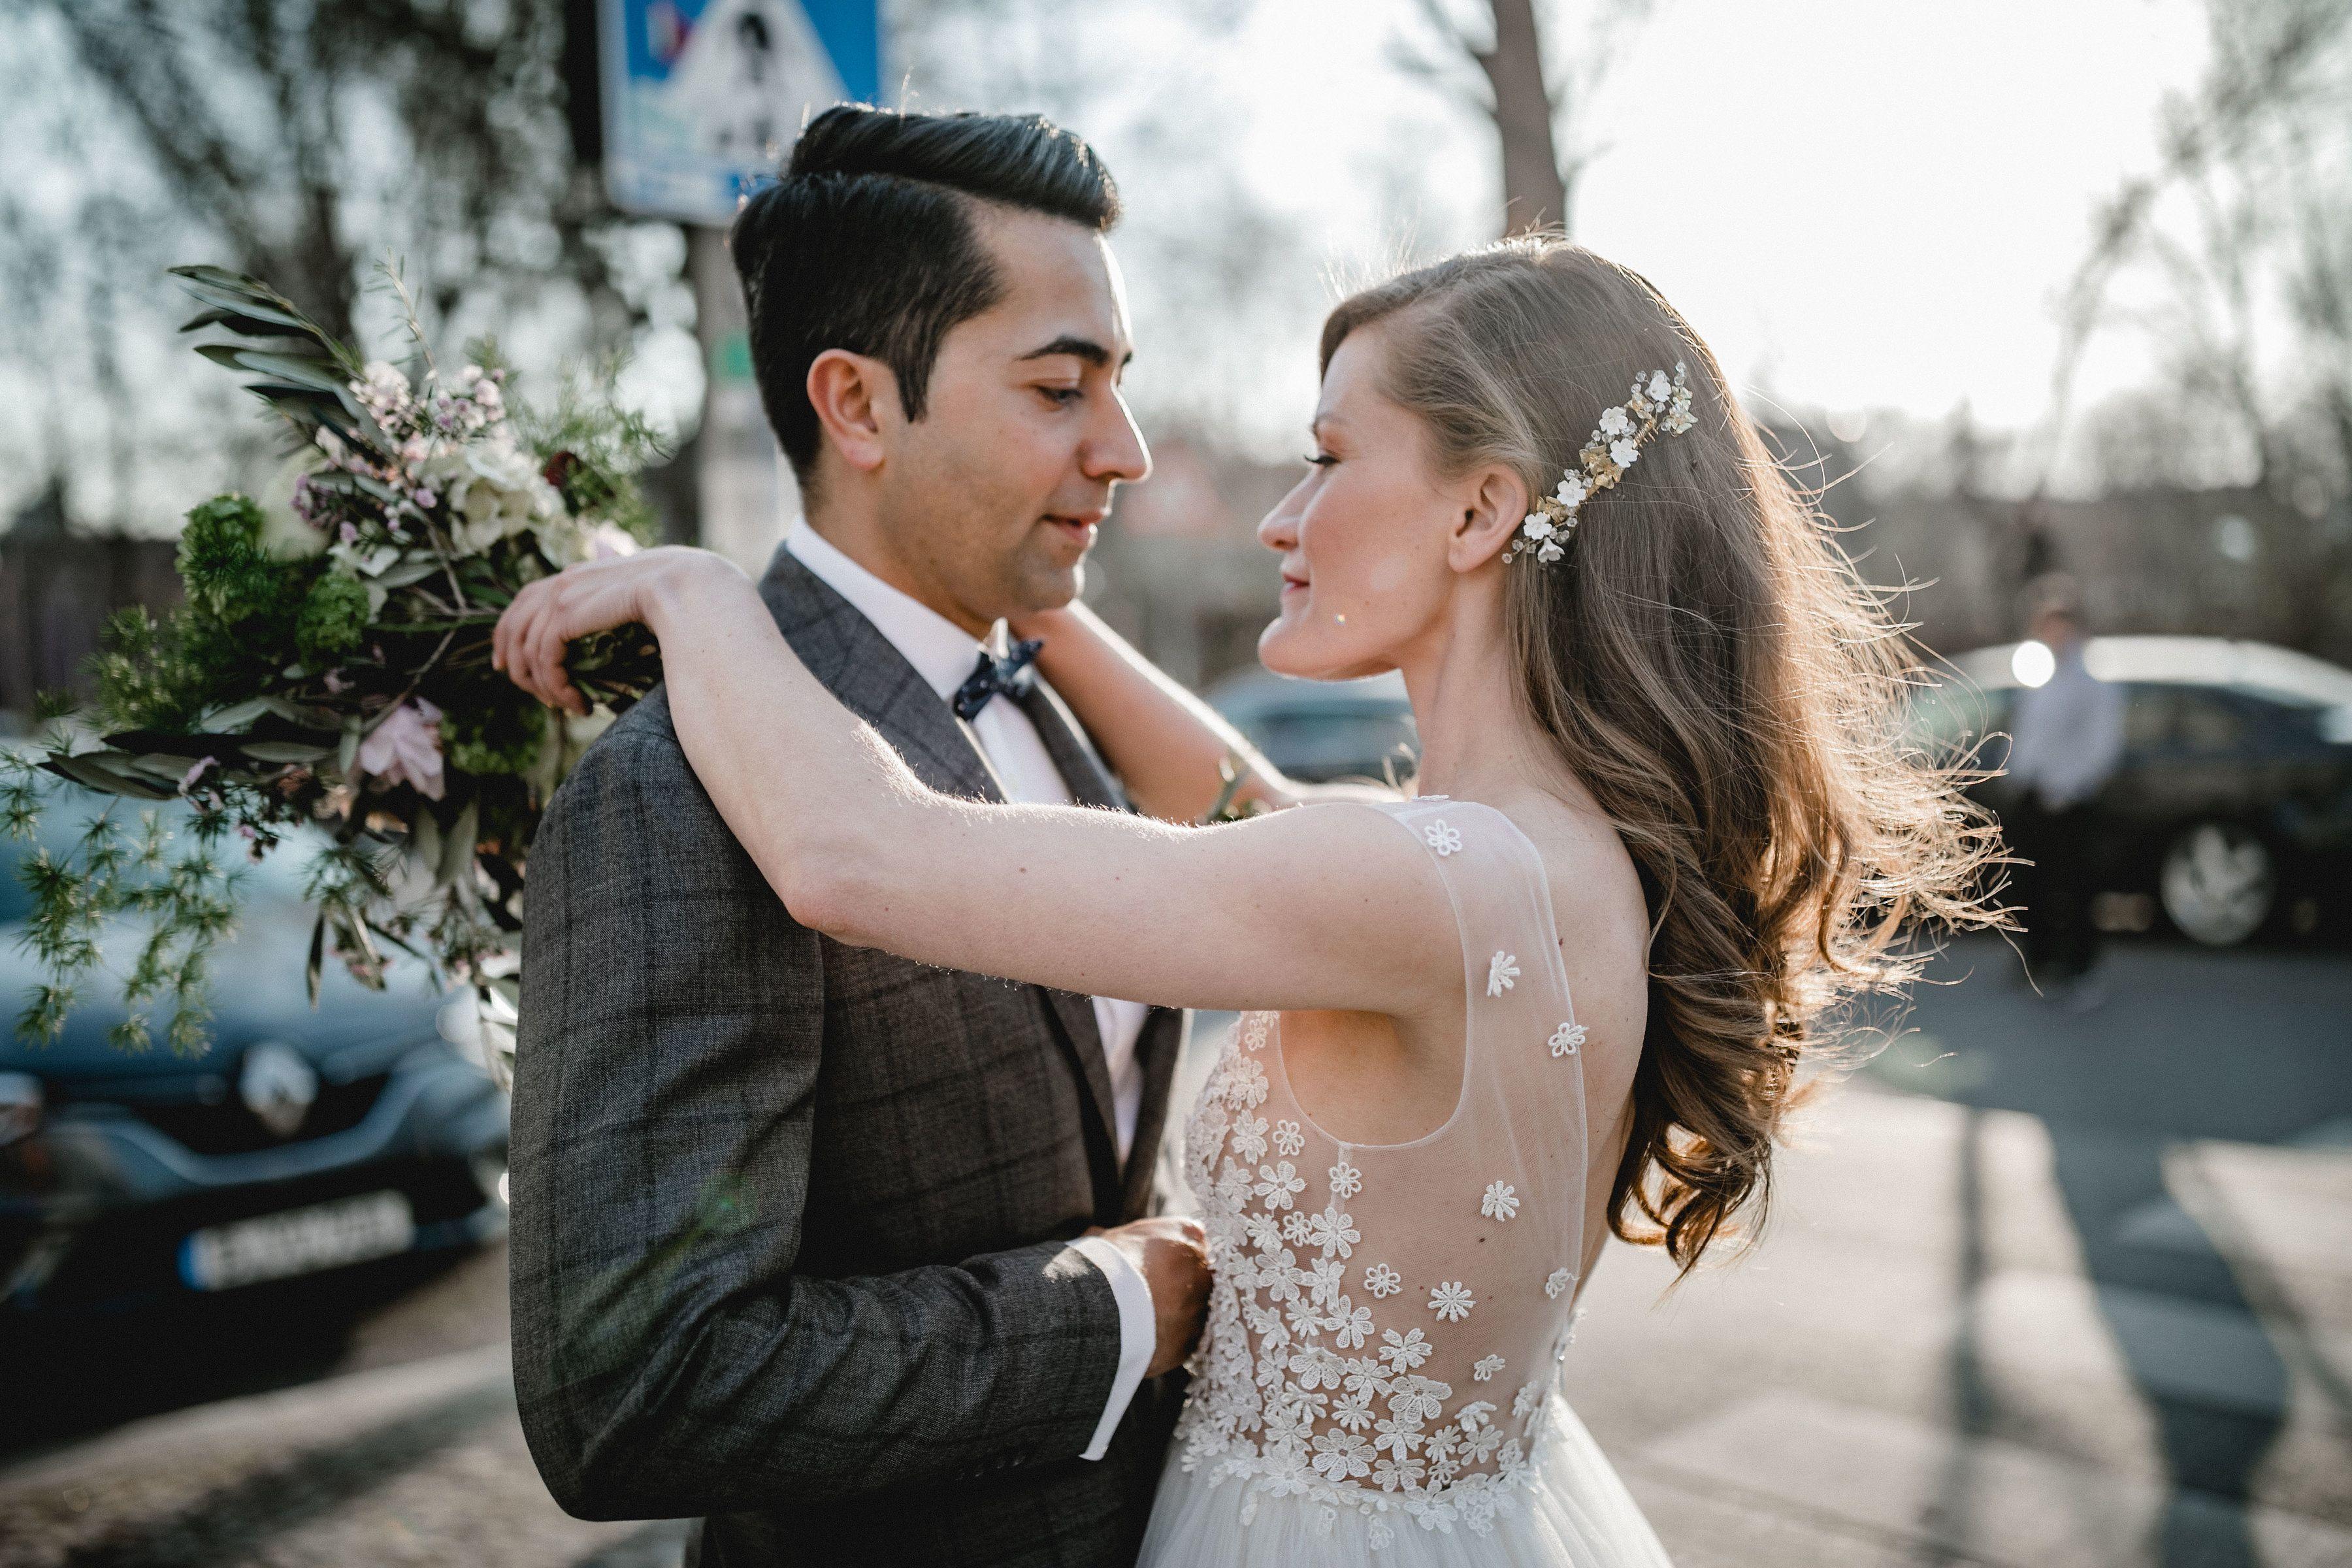 Brautpaar Hochzeit In Berlin Kreuzberg Urban Mit Kaviar Gauche Brautkleid Und Lederjacke Offene Brautfrisur Hochzeitskleid Blumen Braut Hochzeitsinspirationen